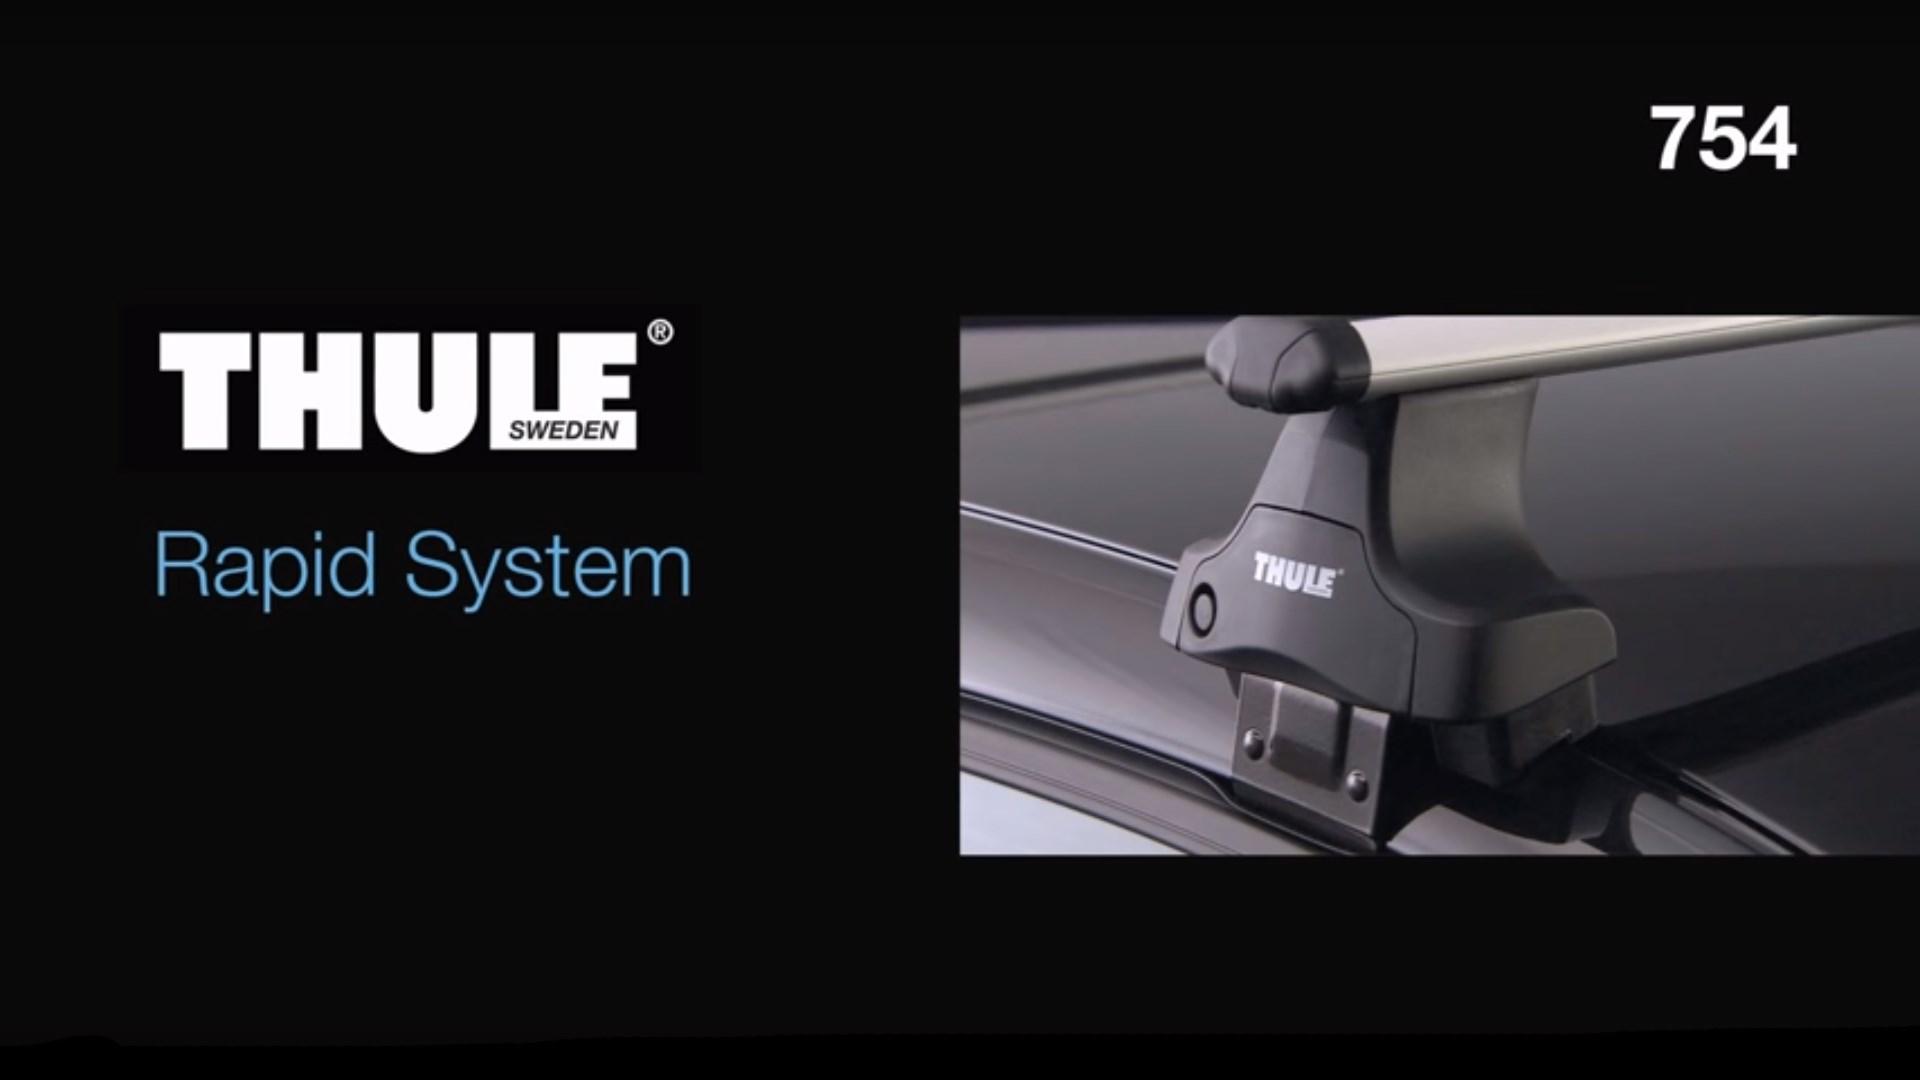 Roof Racks - Thule Rapid System 754